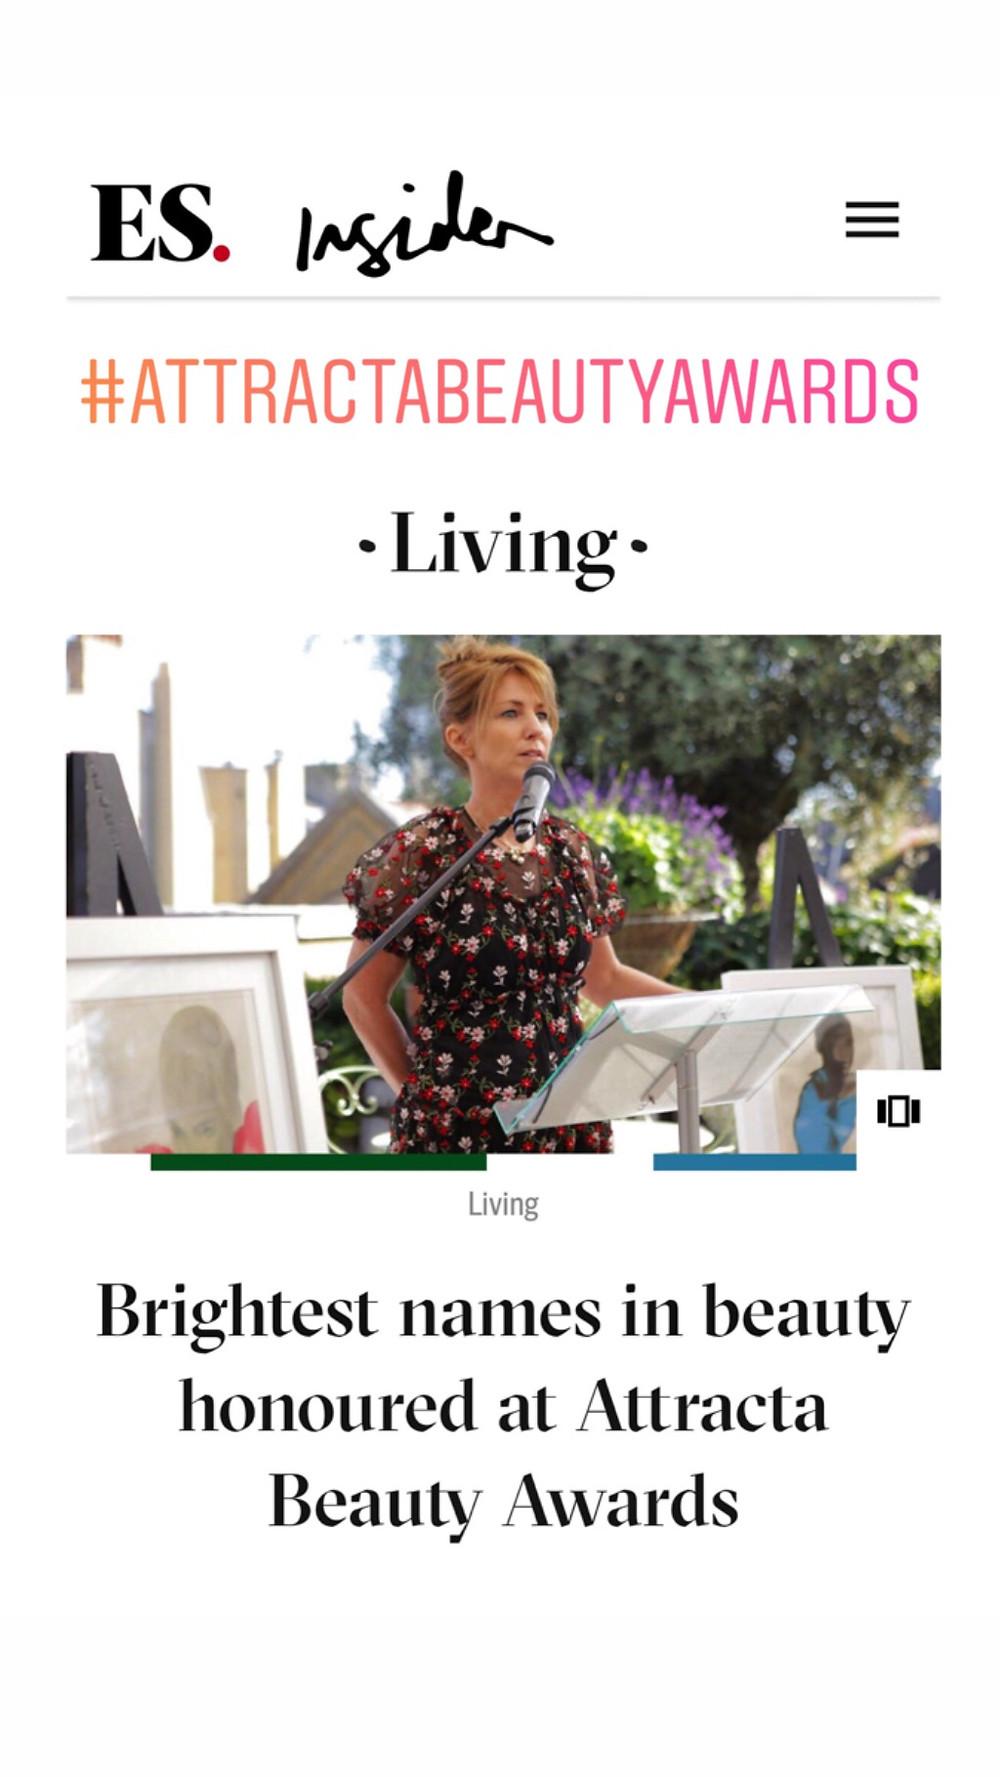 Attracta Beauty Awards